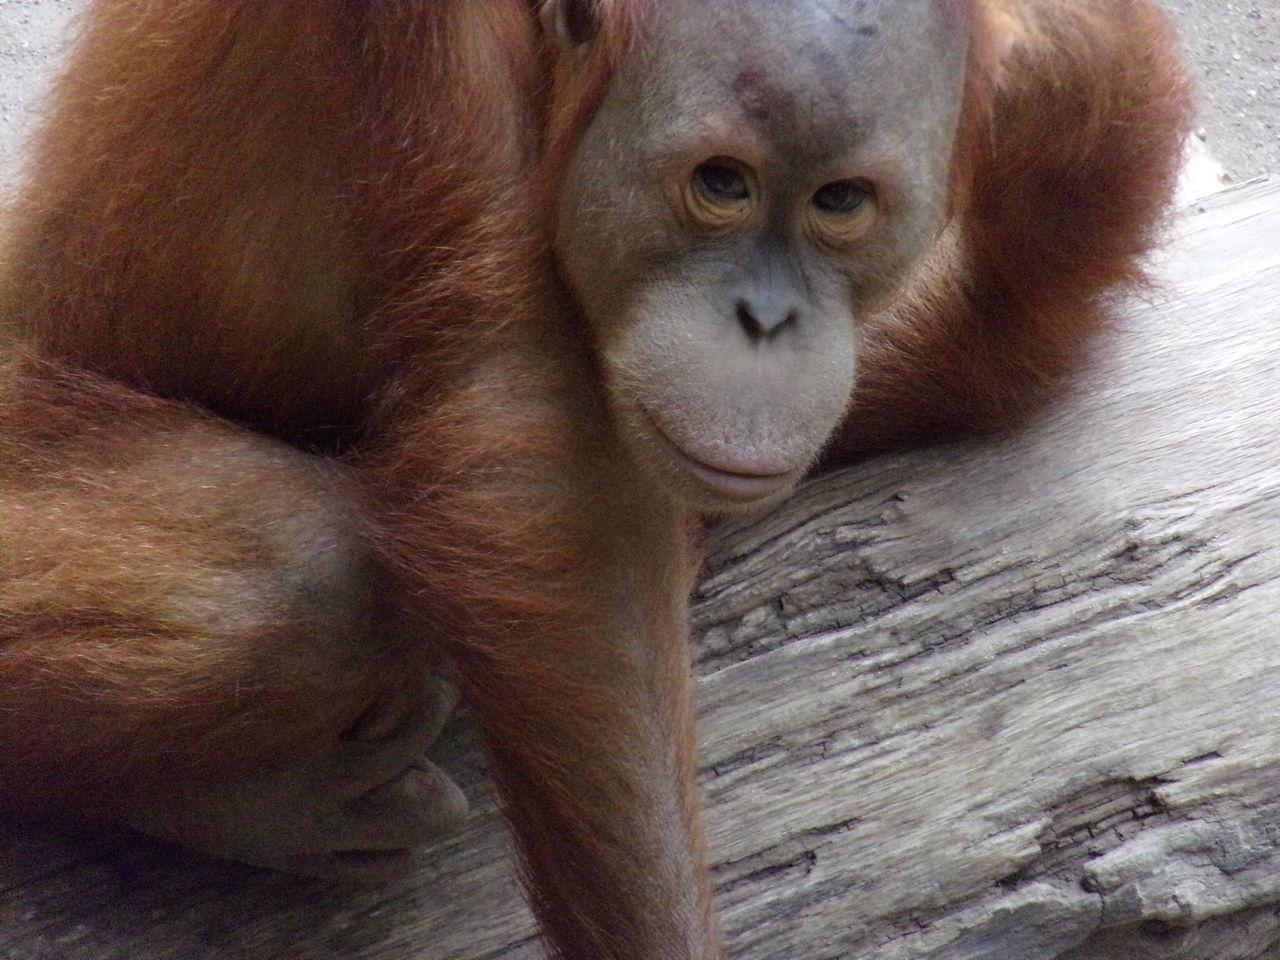 Portrait Of Orangutan On Wood